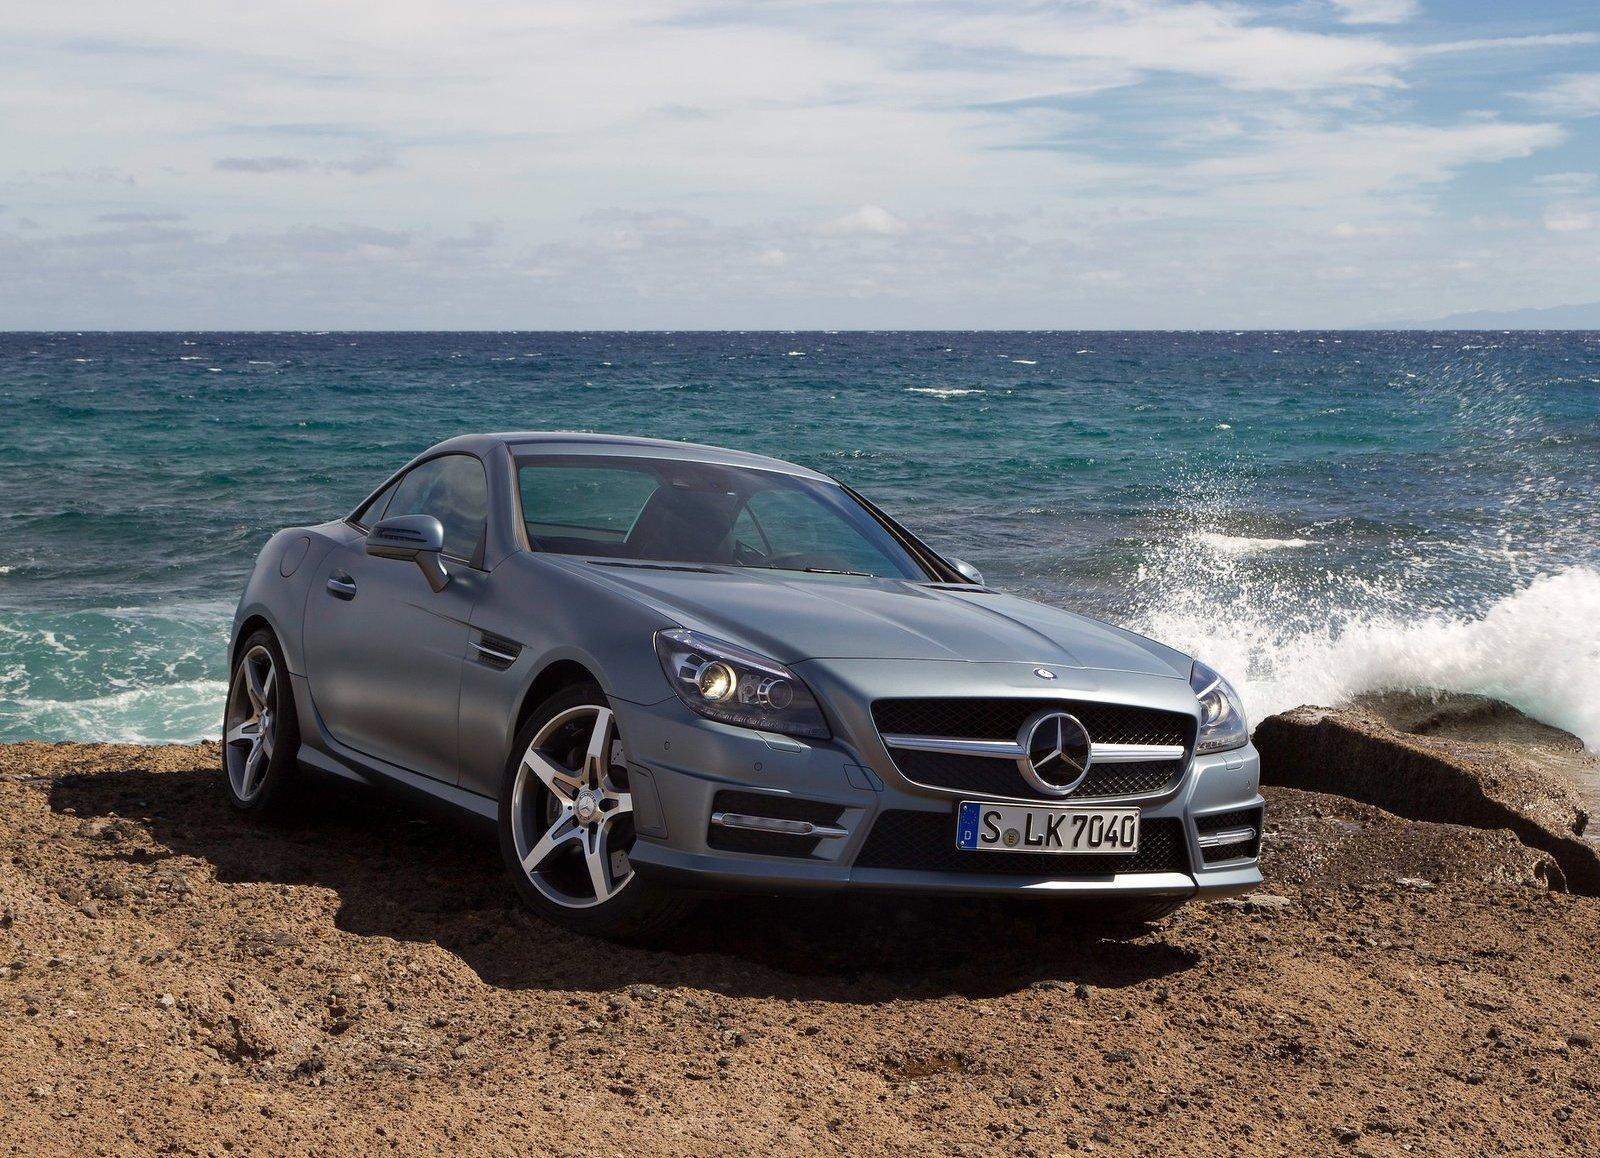 http://4.bp.blogspot.com/-bapRN-oU27g/Tb6lmTESFoI/AAAAAAAAAcs/zFl7veuWEPY/s1600/Mercedes-Benz-SLK350_2012_1600x1200_wallpaper_04.jpg